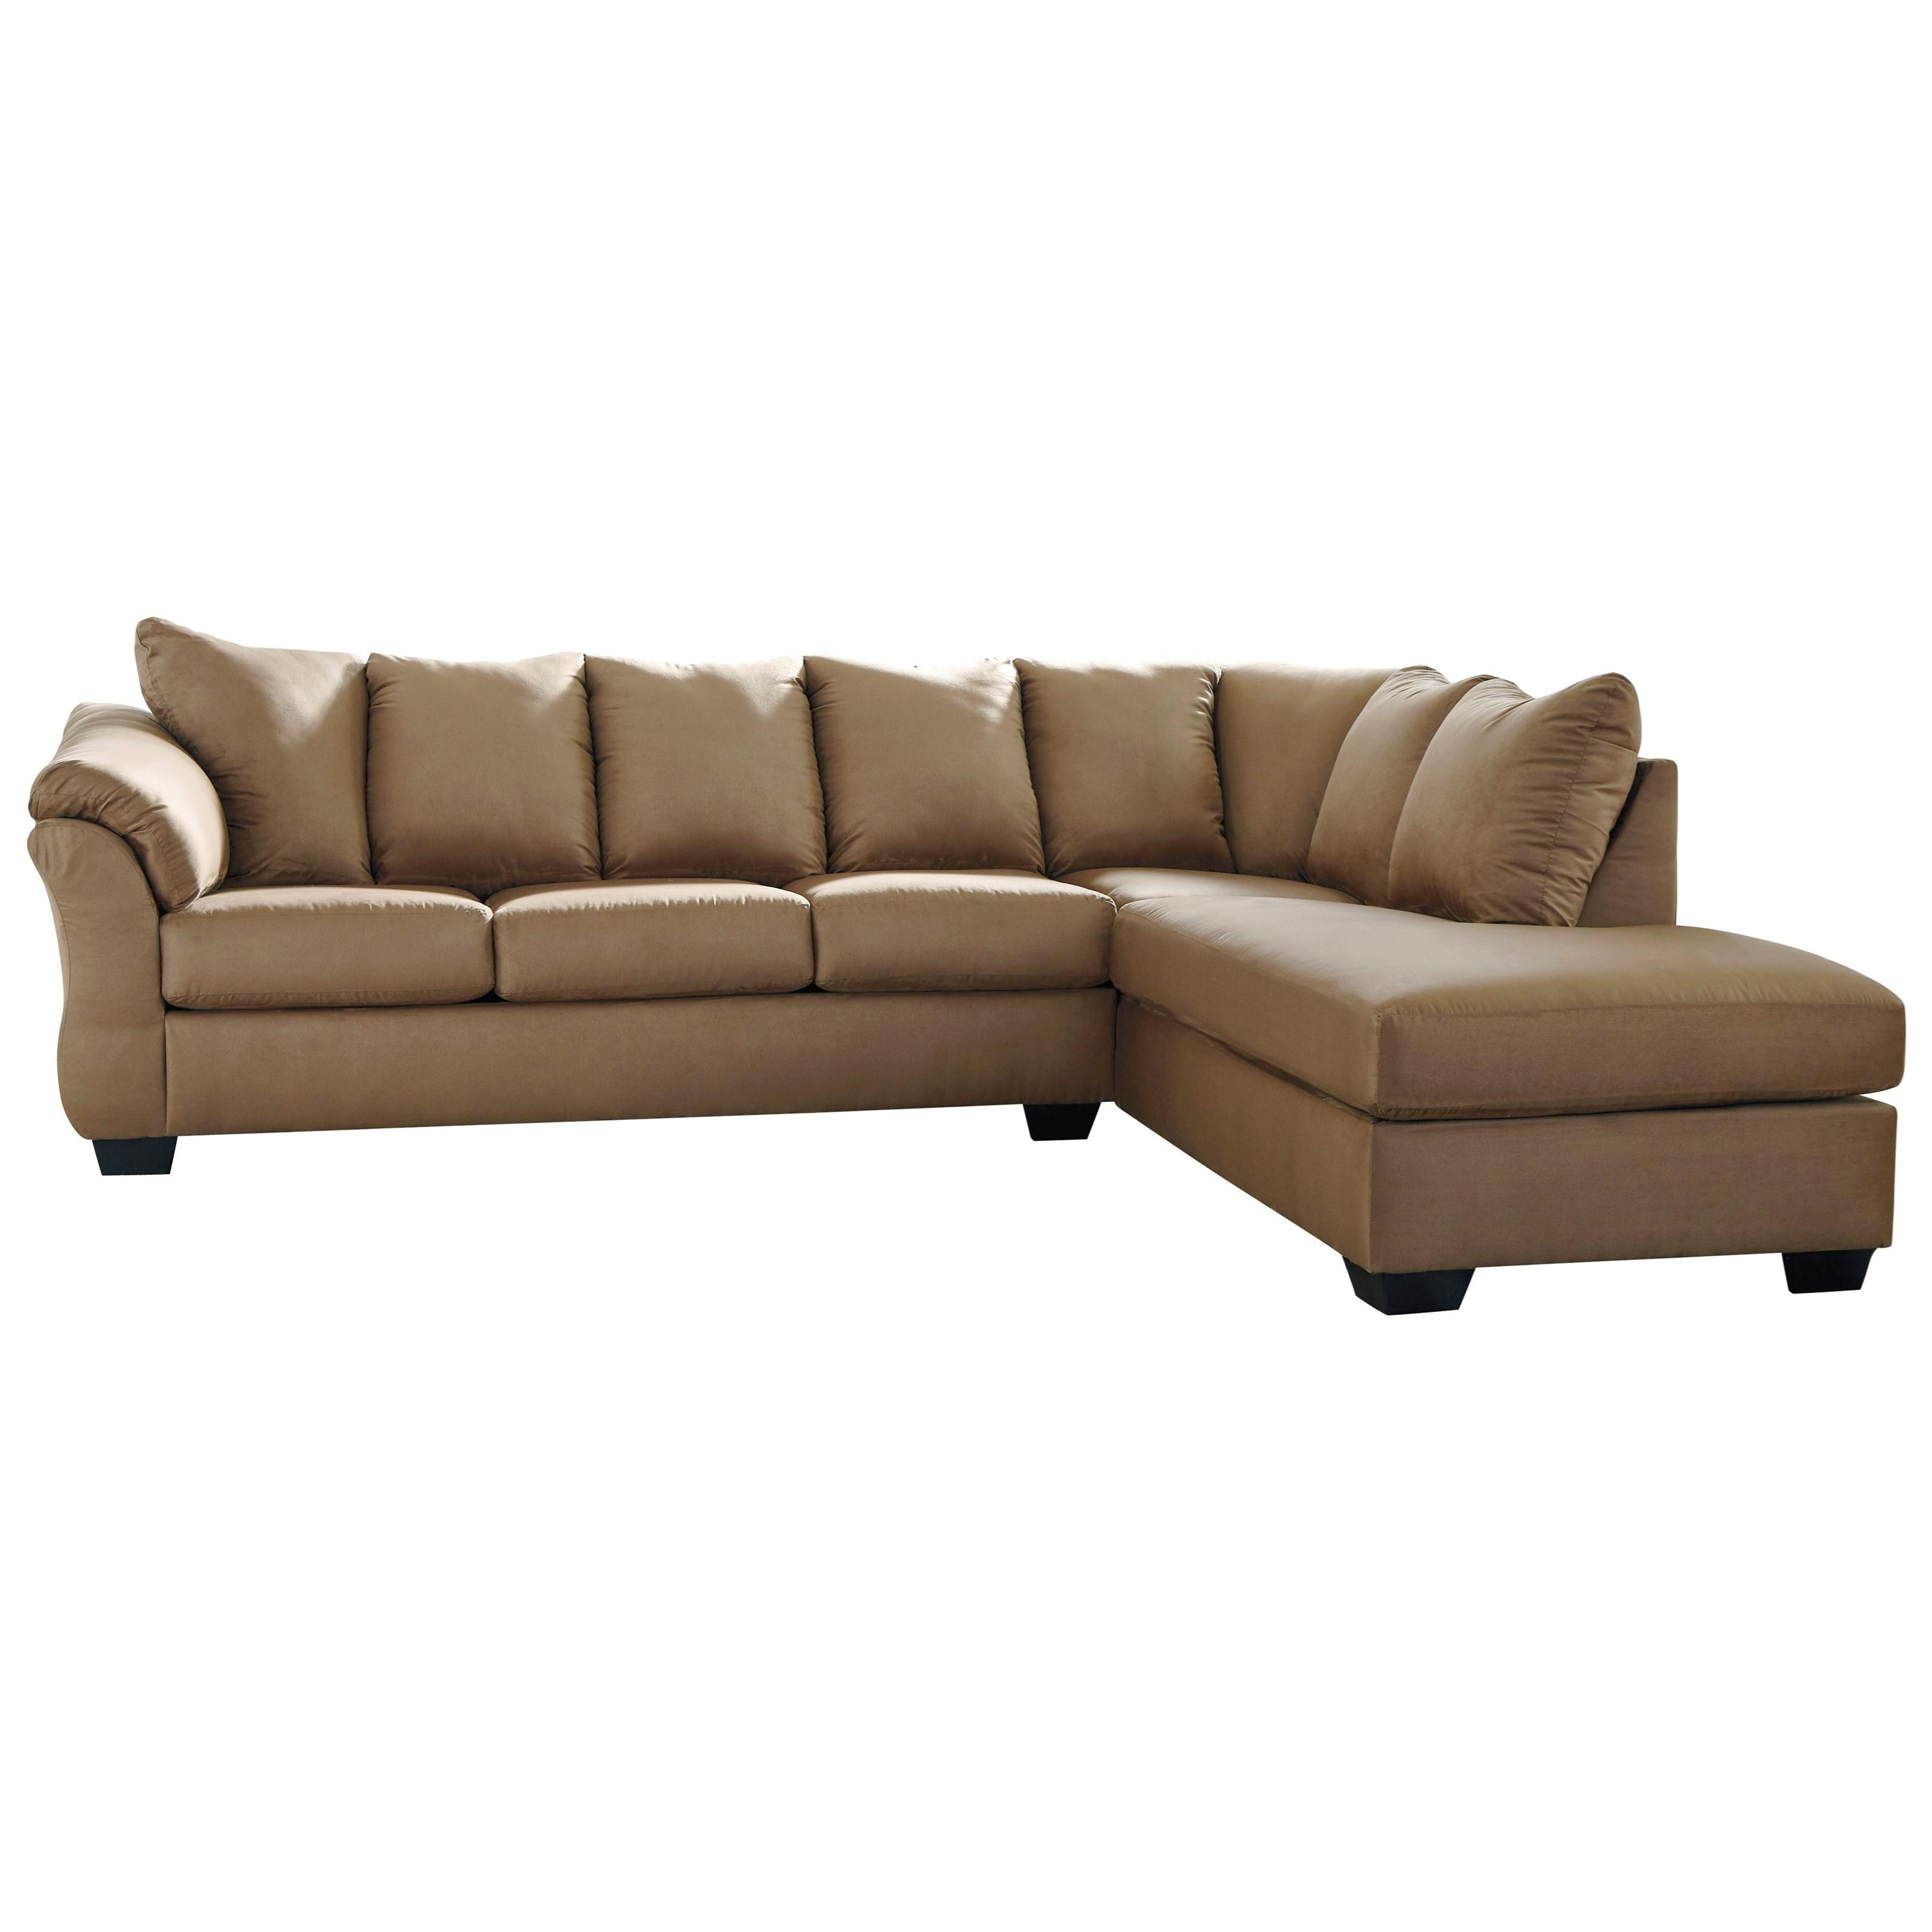 Darcy Mocha 2 Piece Sectional Sofa